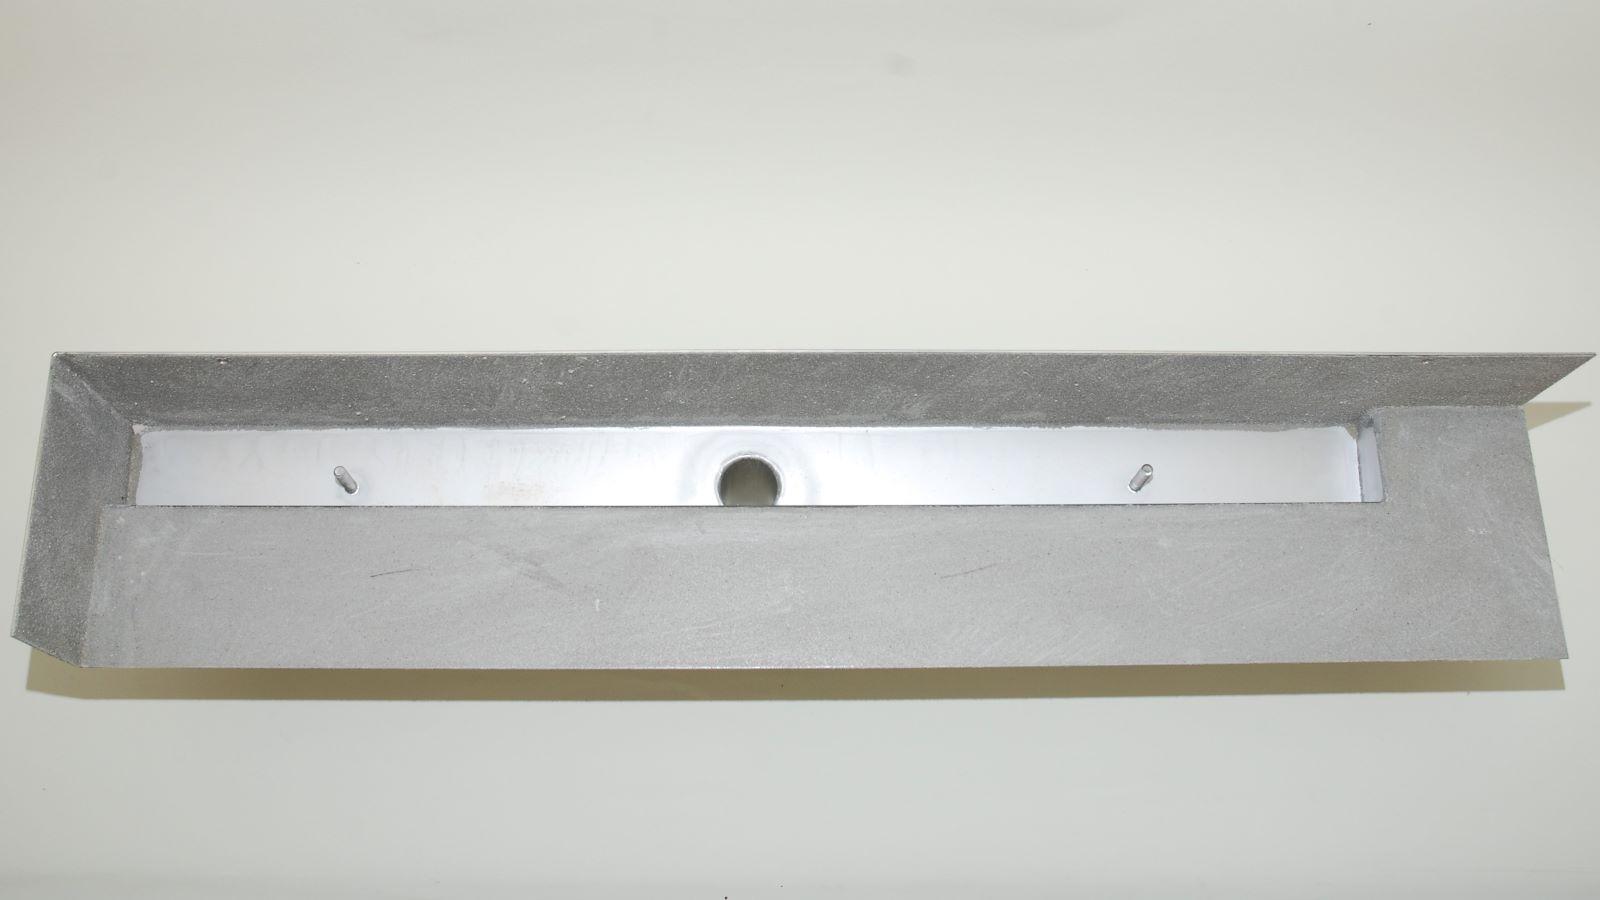 Hier die detailansicht der cm-genauen massanfertigung der langlebigen v4a edelstahl-duschrinne pro fuer die wandbuendige montage. Die hochwertige duschrinne pro ist optimal fuer moderne, funktionale barrierefreie duschen. Abgebildet ist eine sonderanfertigung mit individuellen seitlichen aufkantungen fuer den einbau in eine wandecke hinten links.